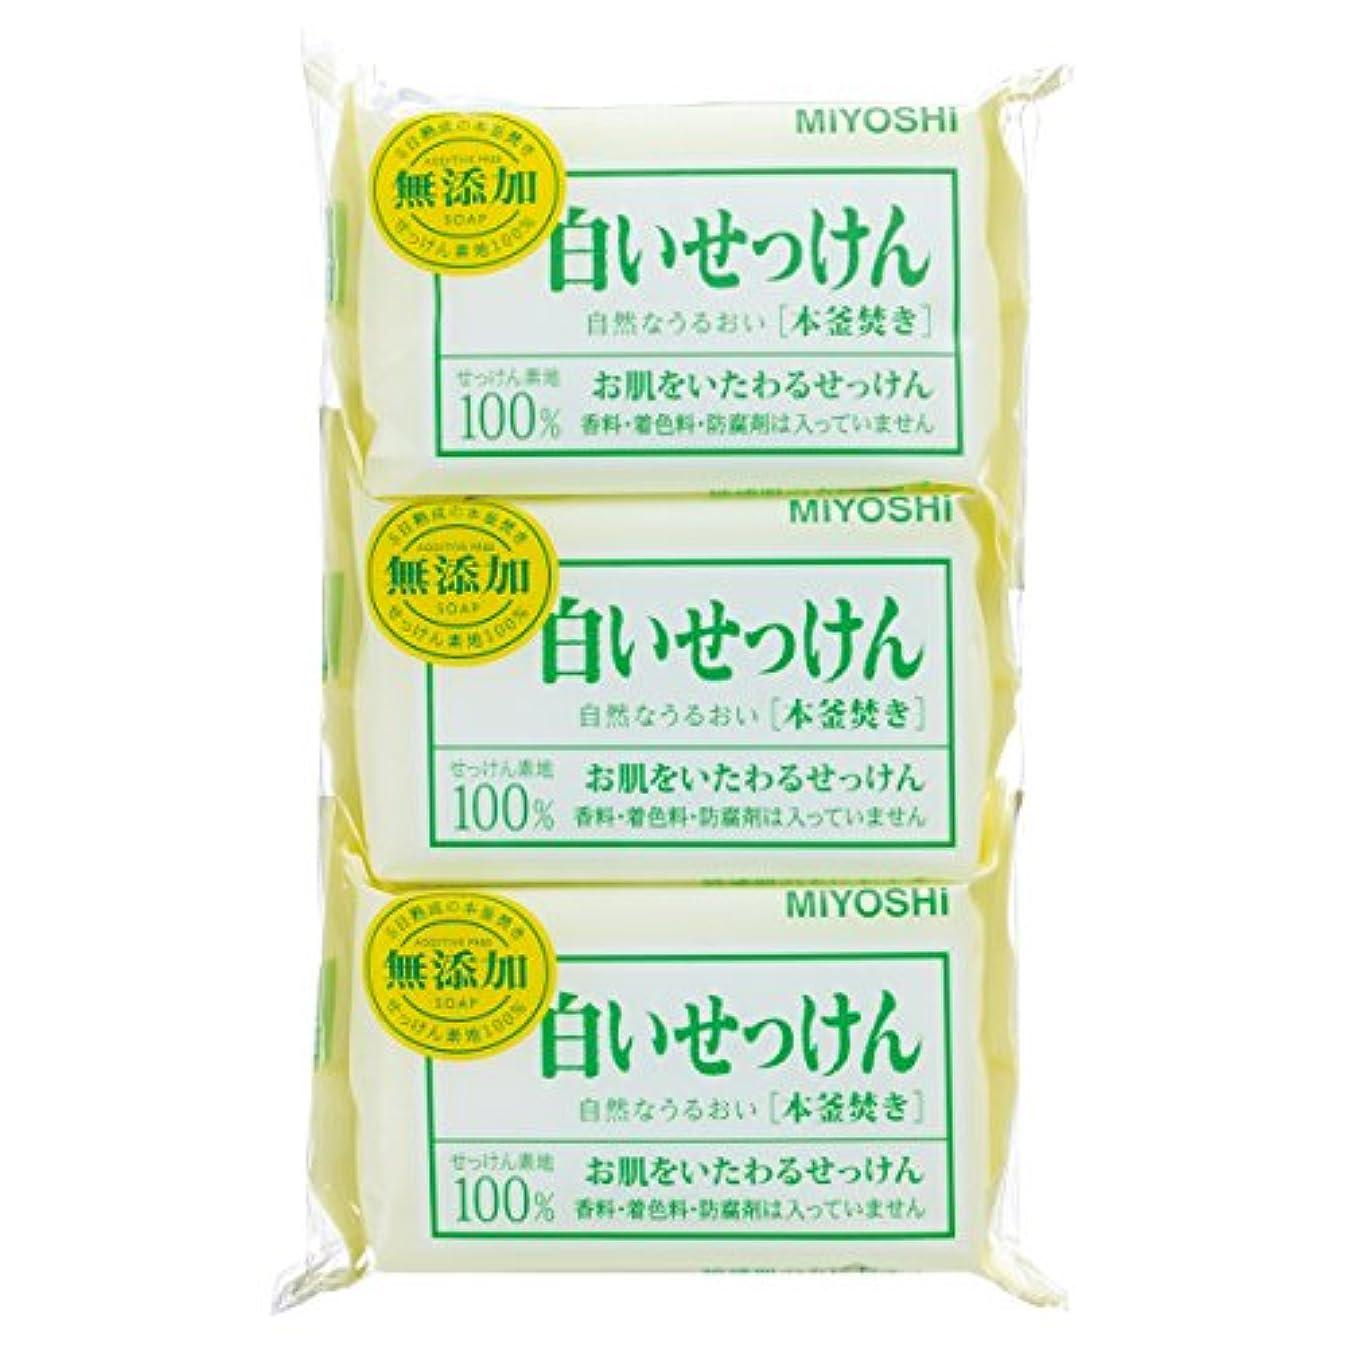 憲法縁石韓国語ミヨシ石鹸 無添加石鹸白いせっけん3P